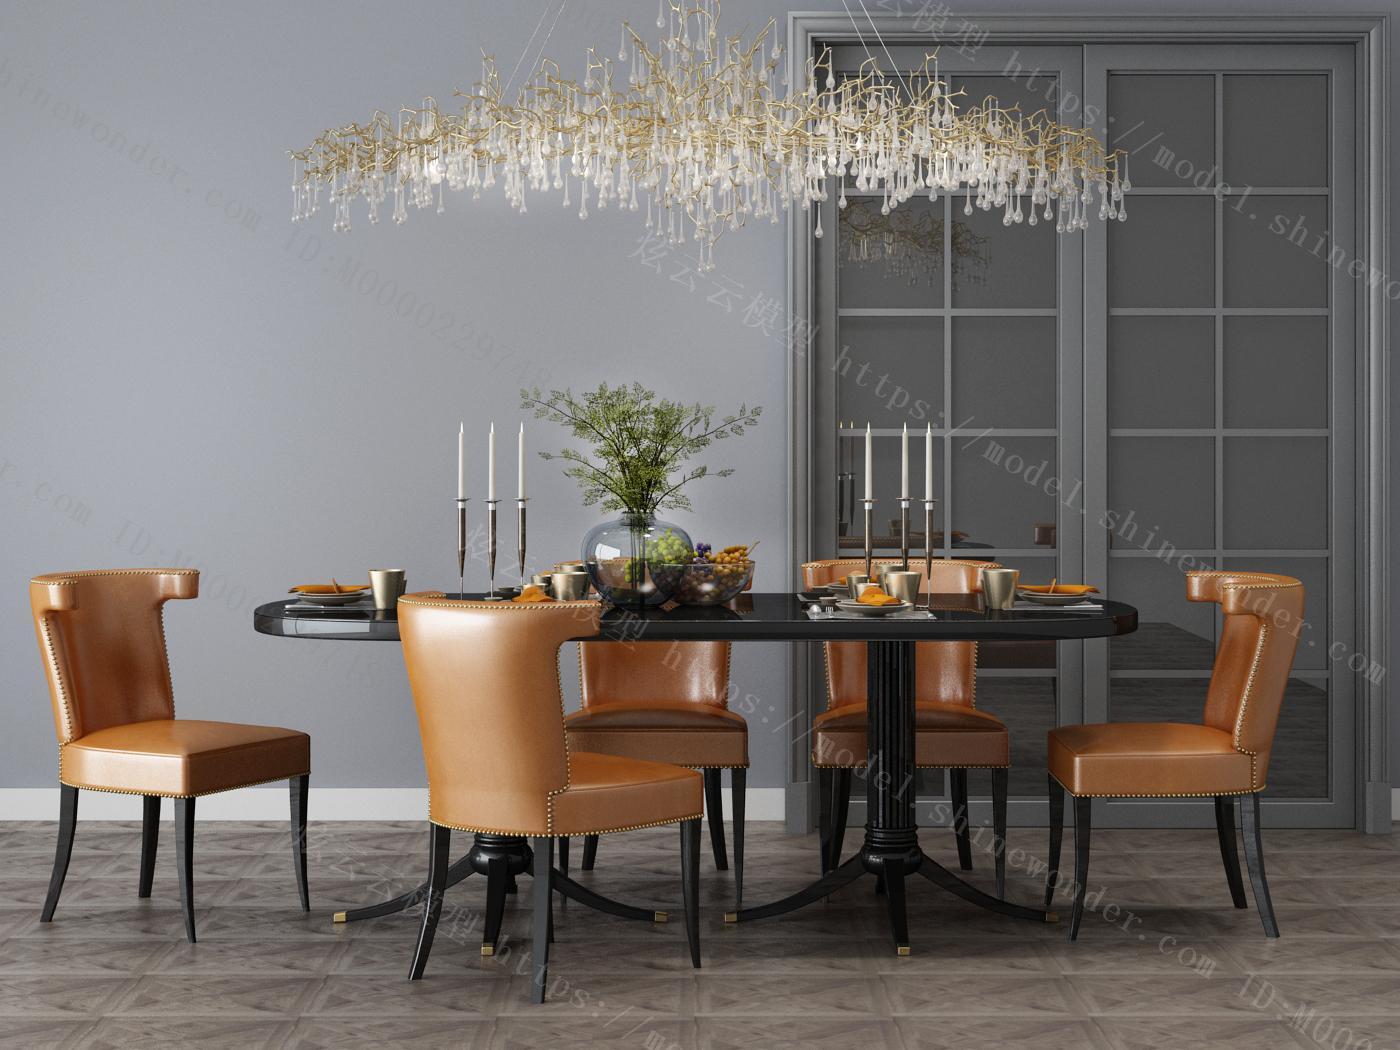 现代家居组合,饰品,沙发柜子挂画模型